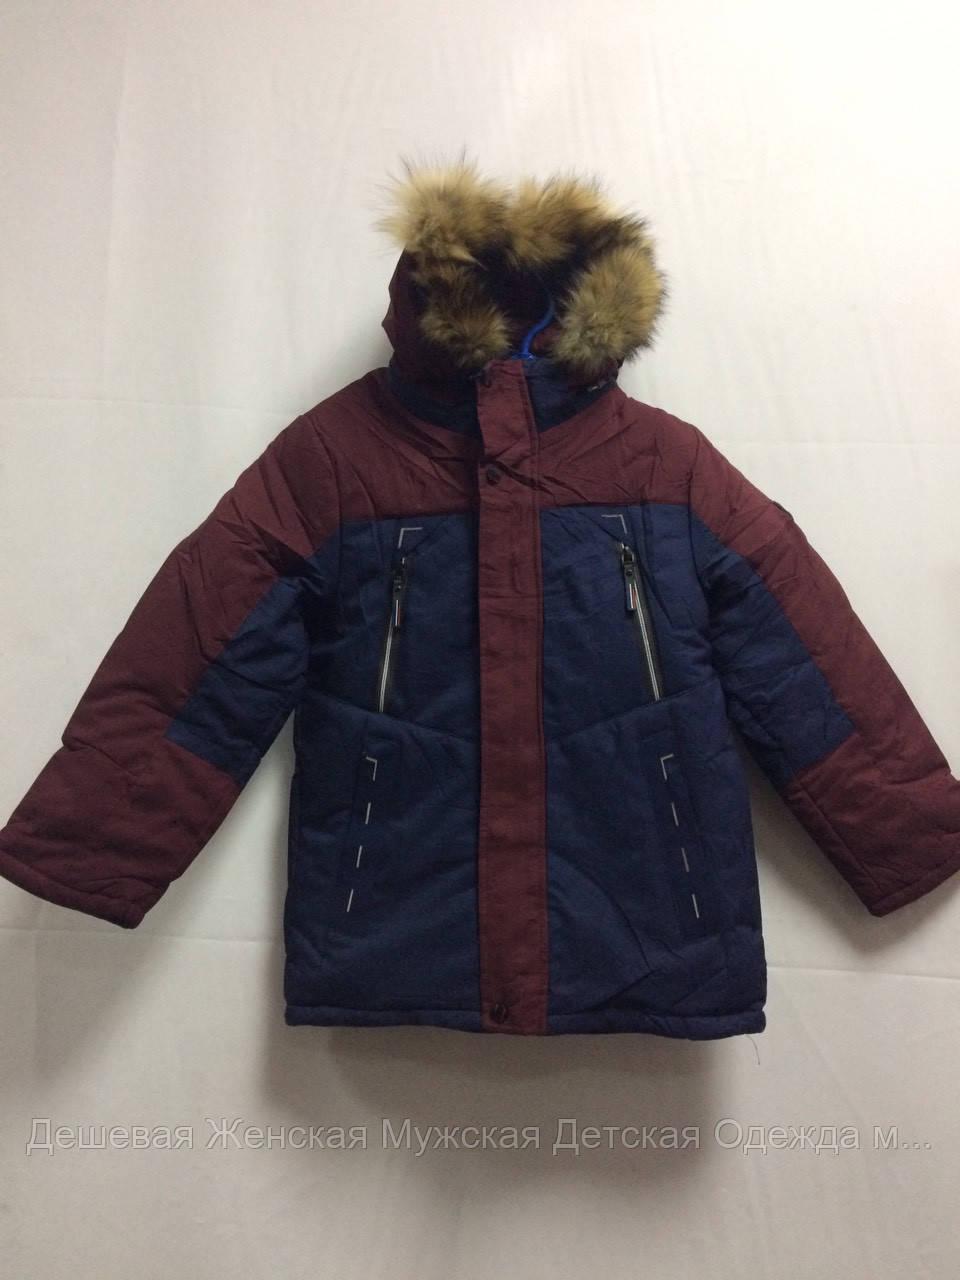 Куртка детская, фабричная, зима